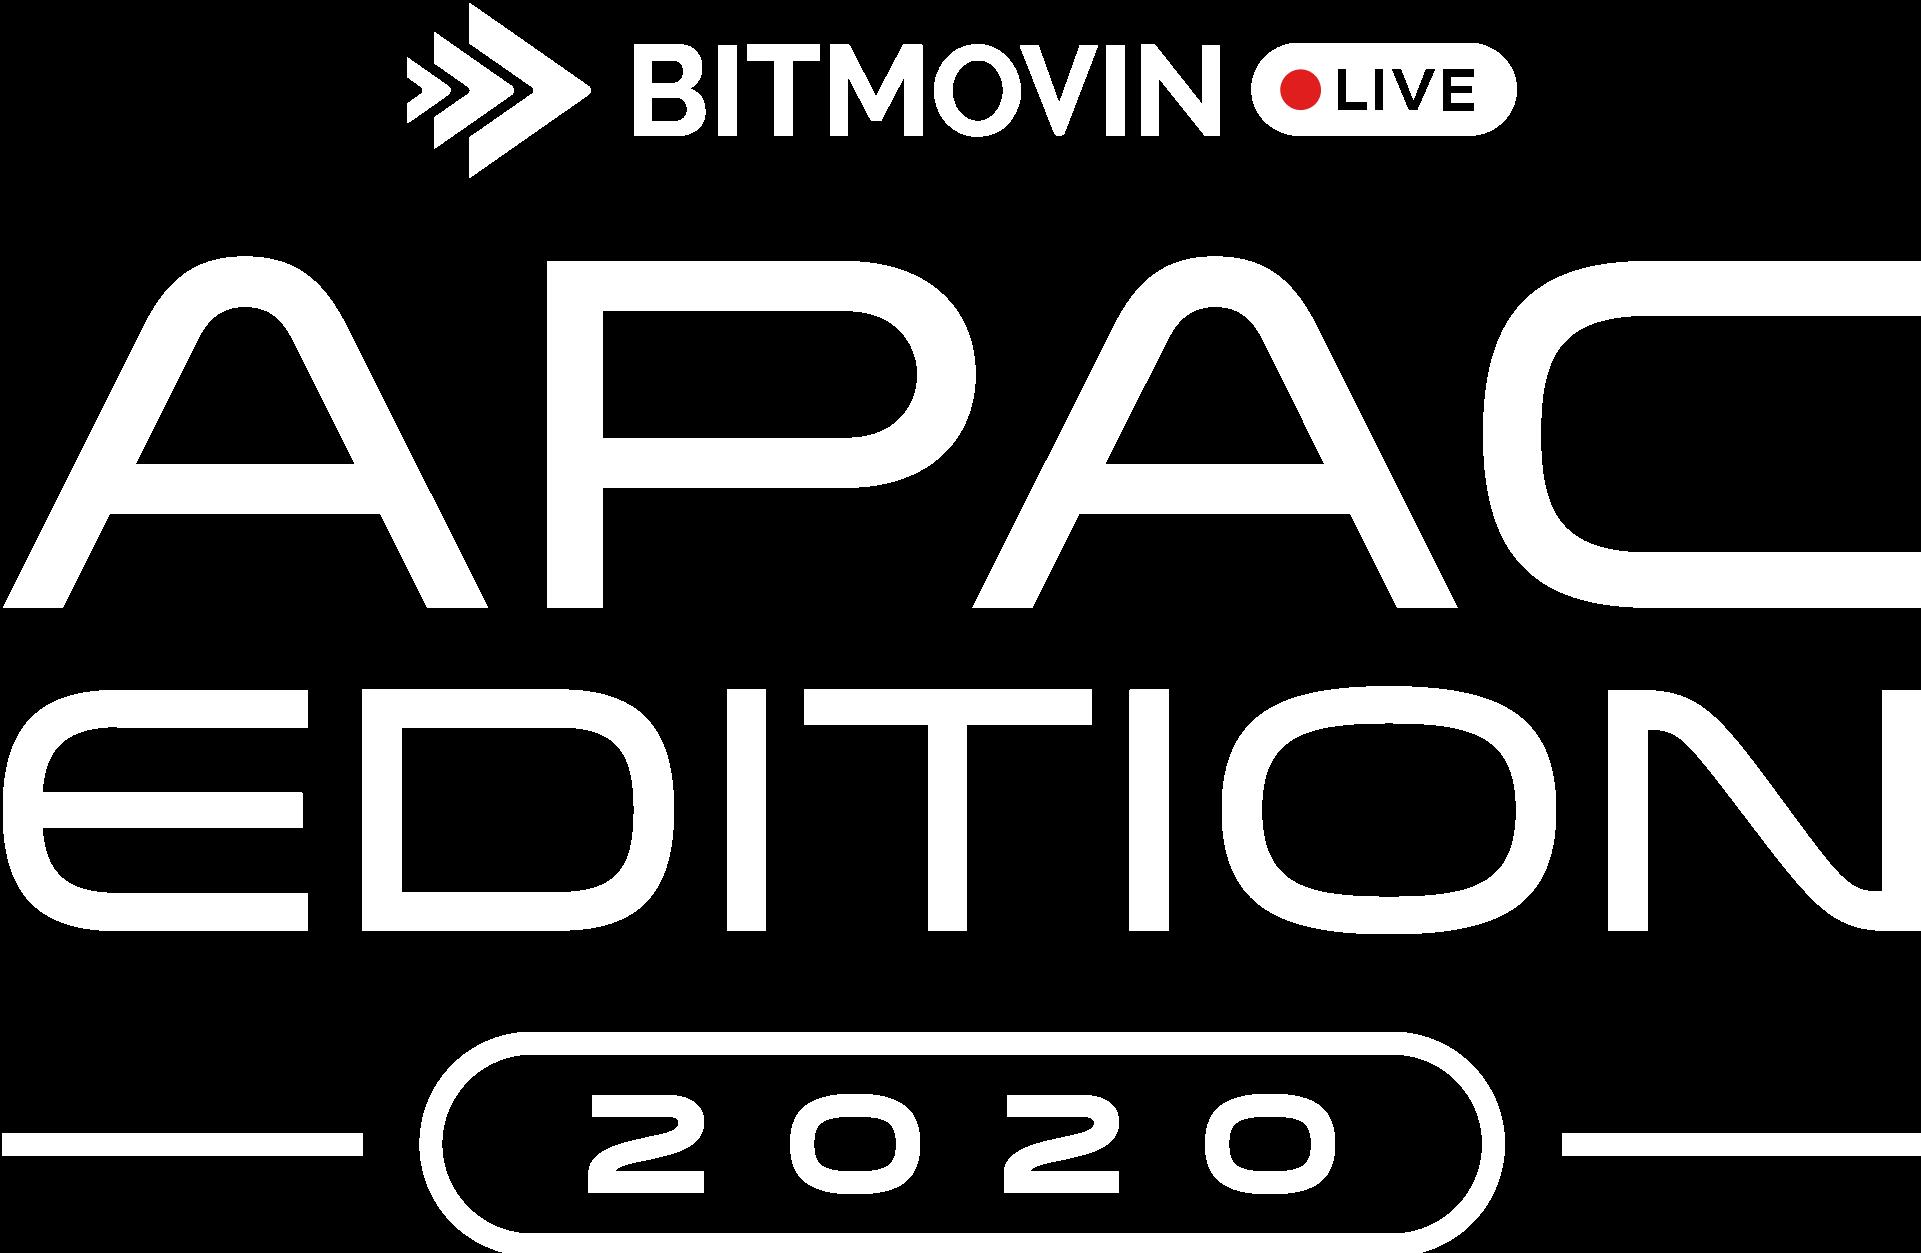 Bitmovin Live